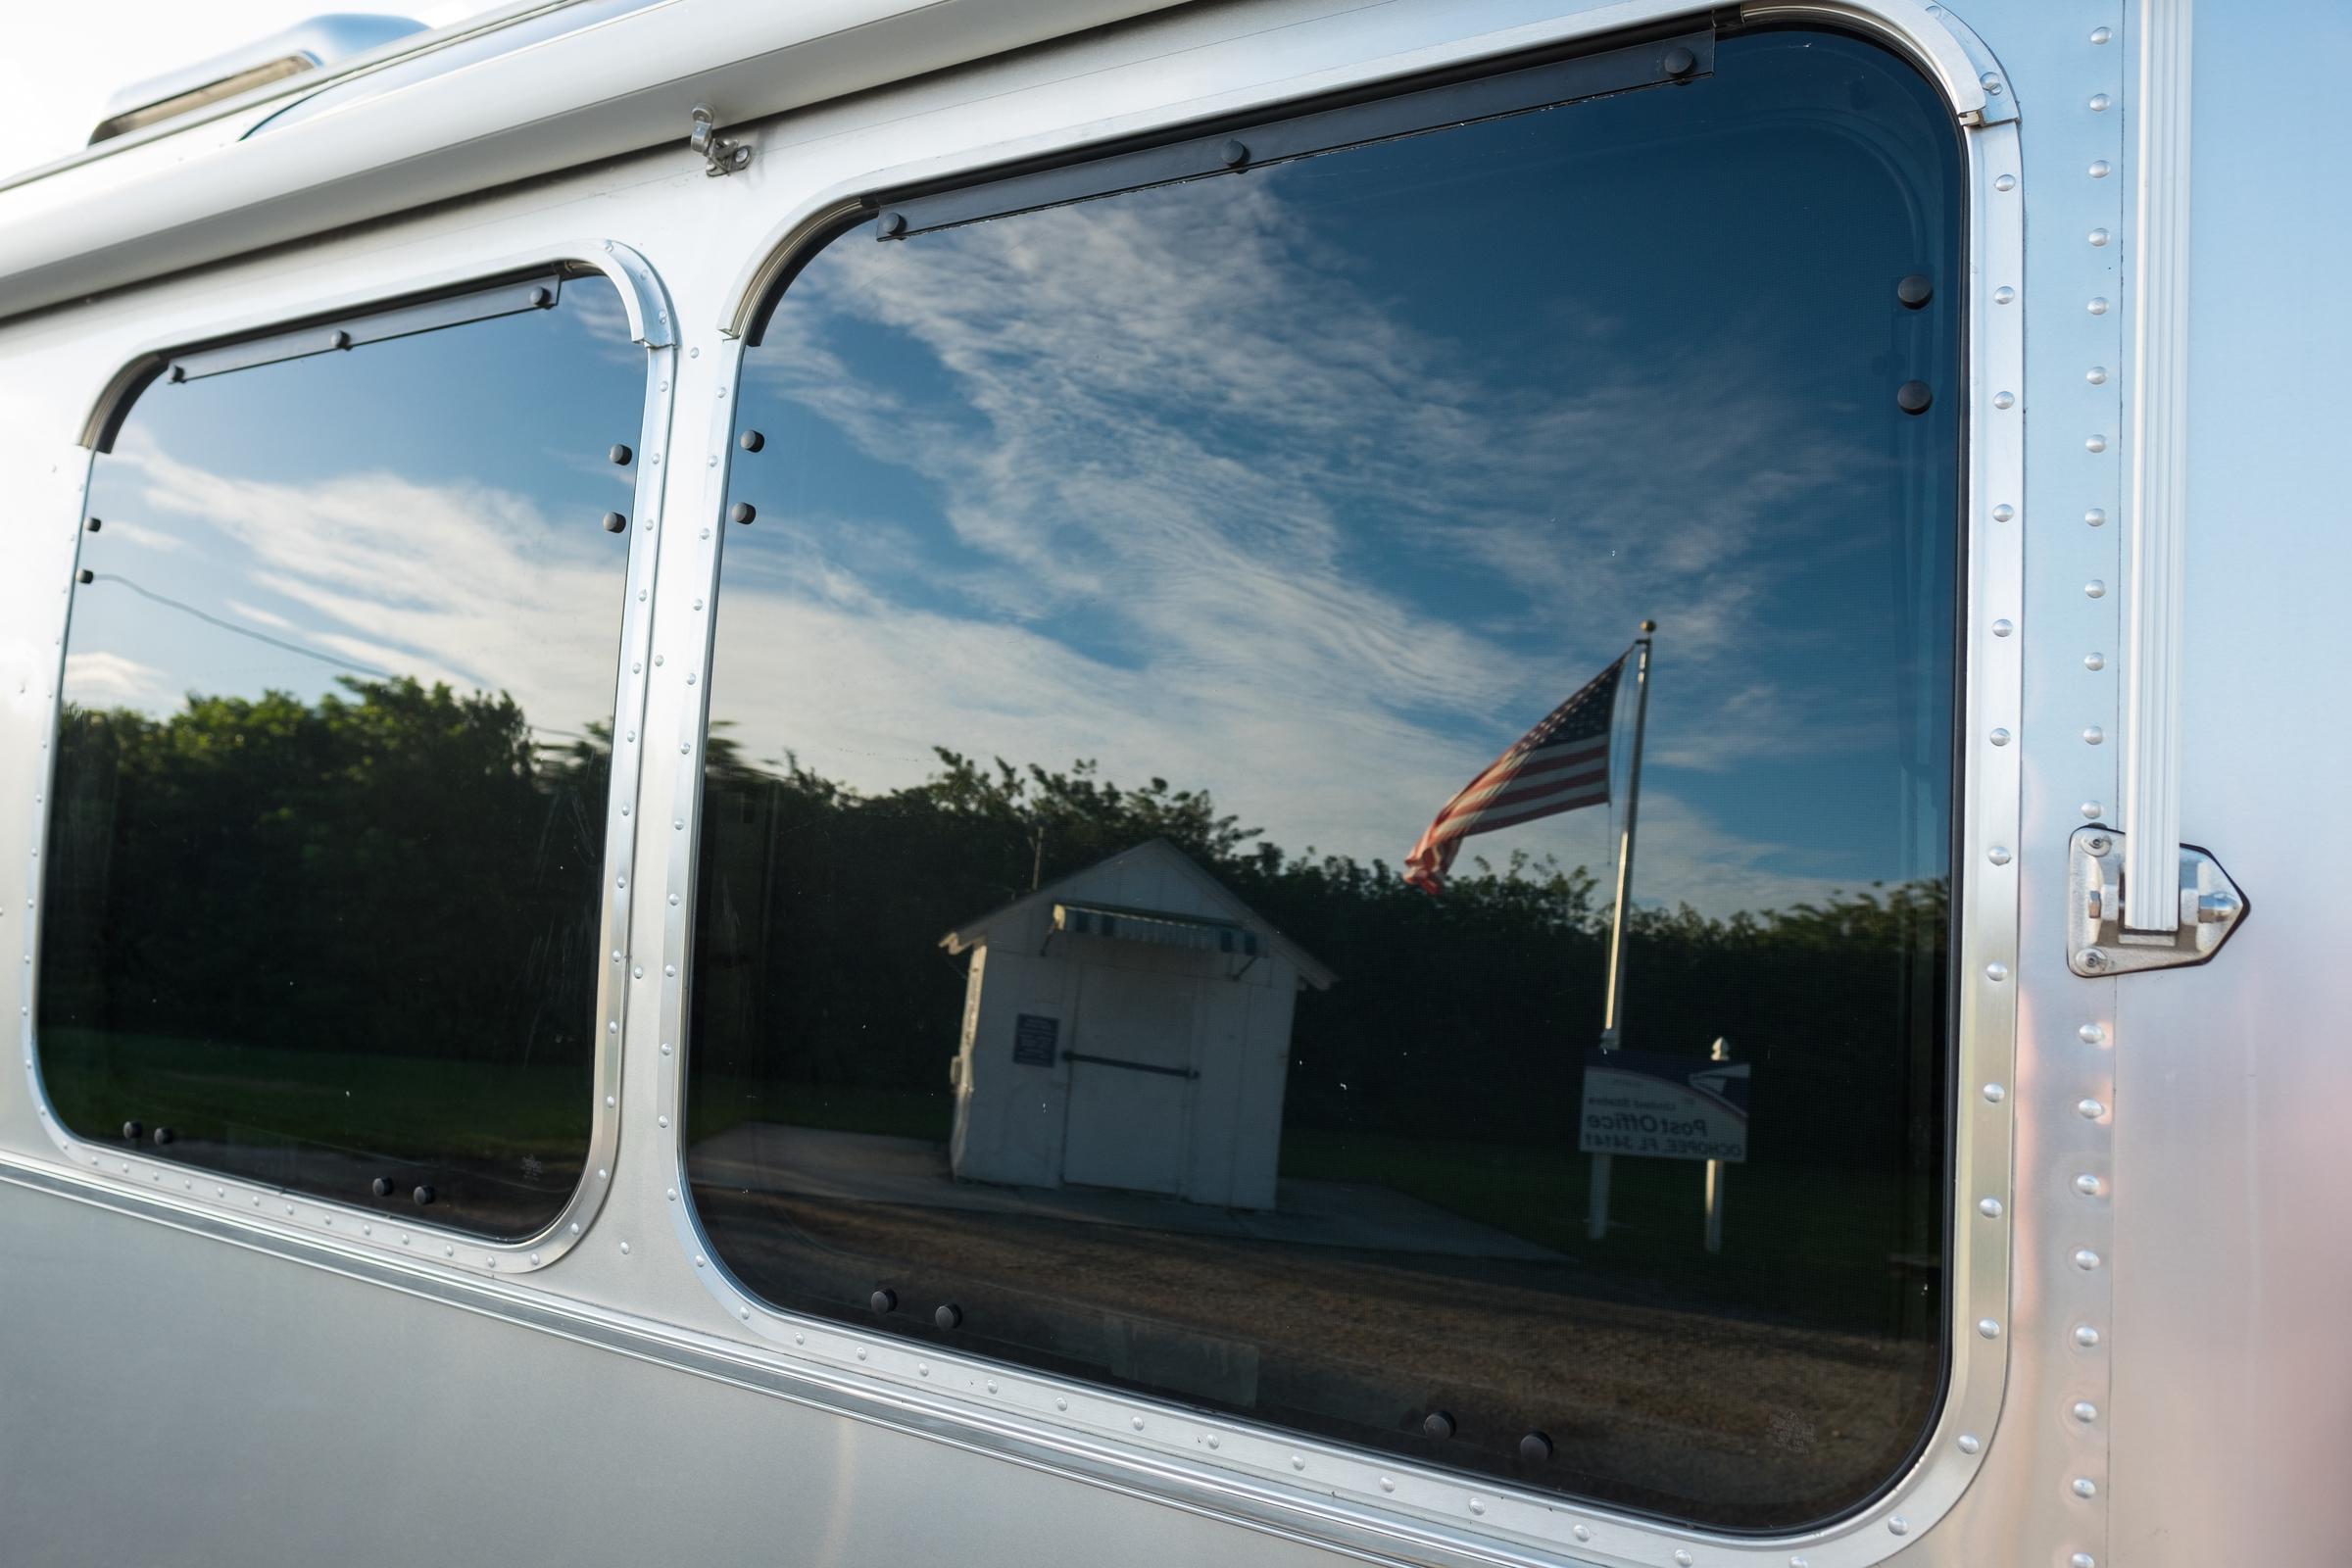 Airstream in Everglades National Park, Florida